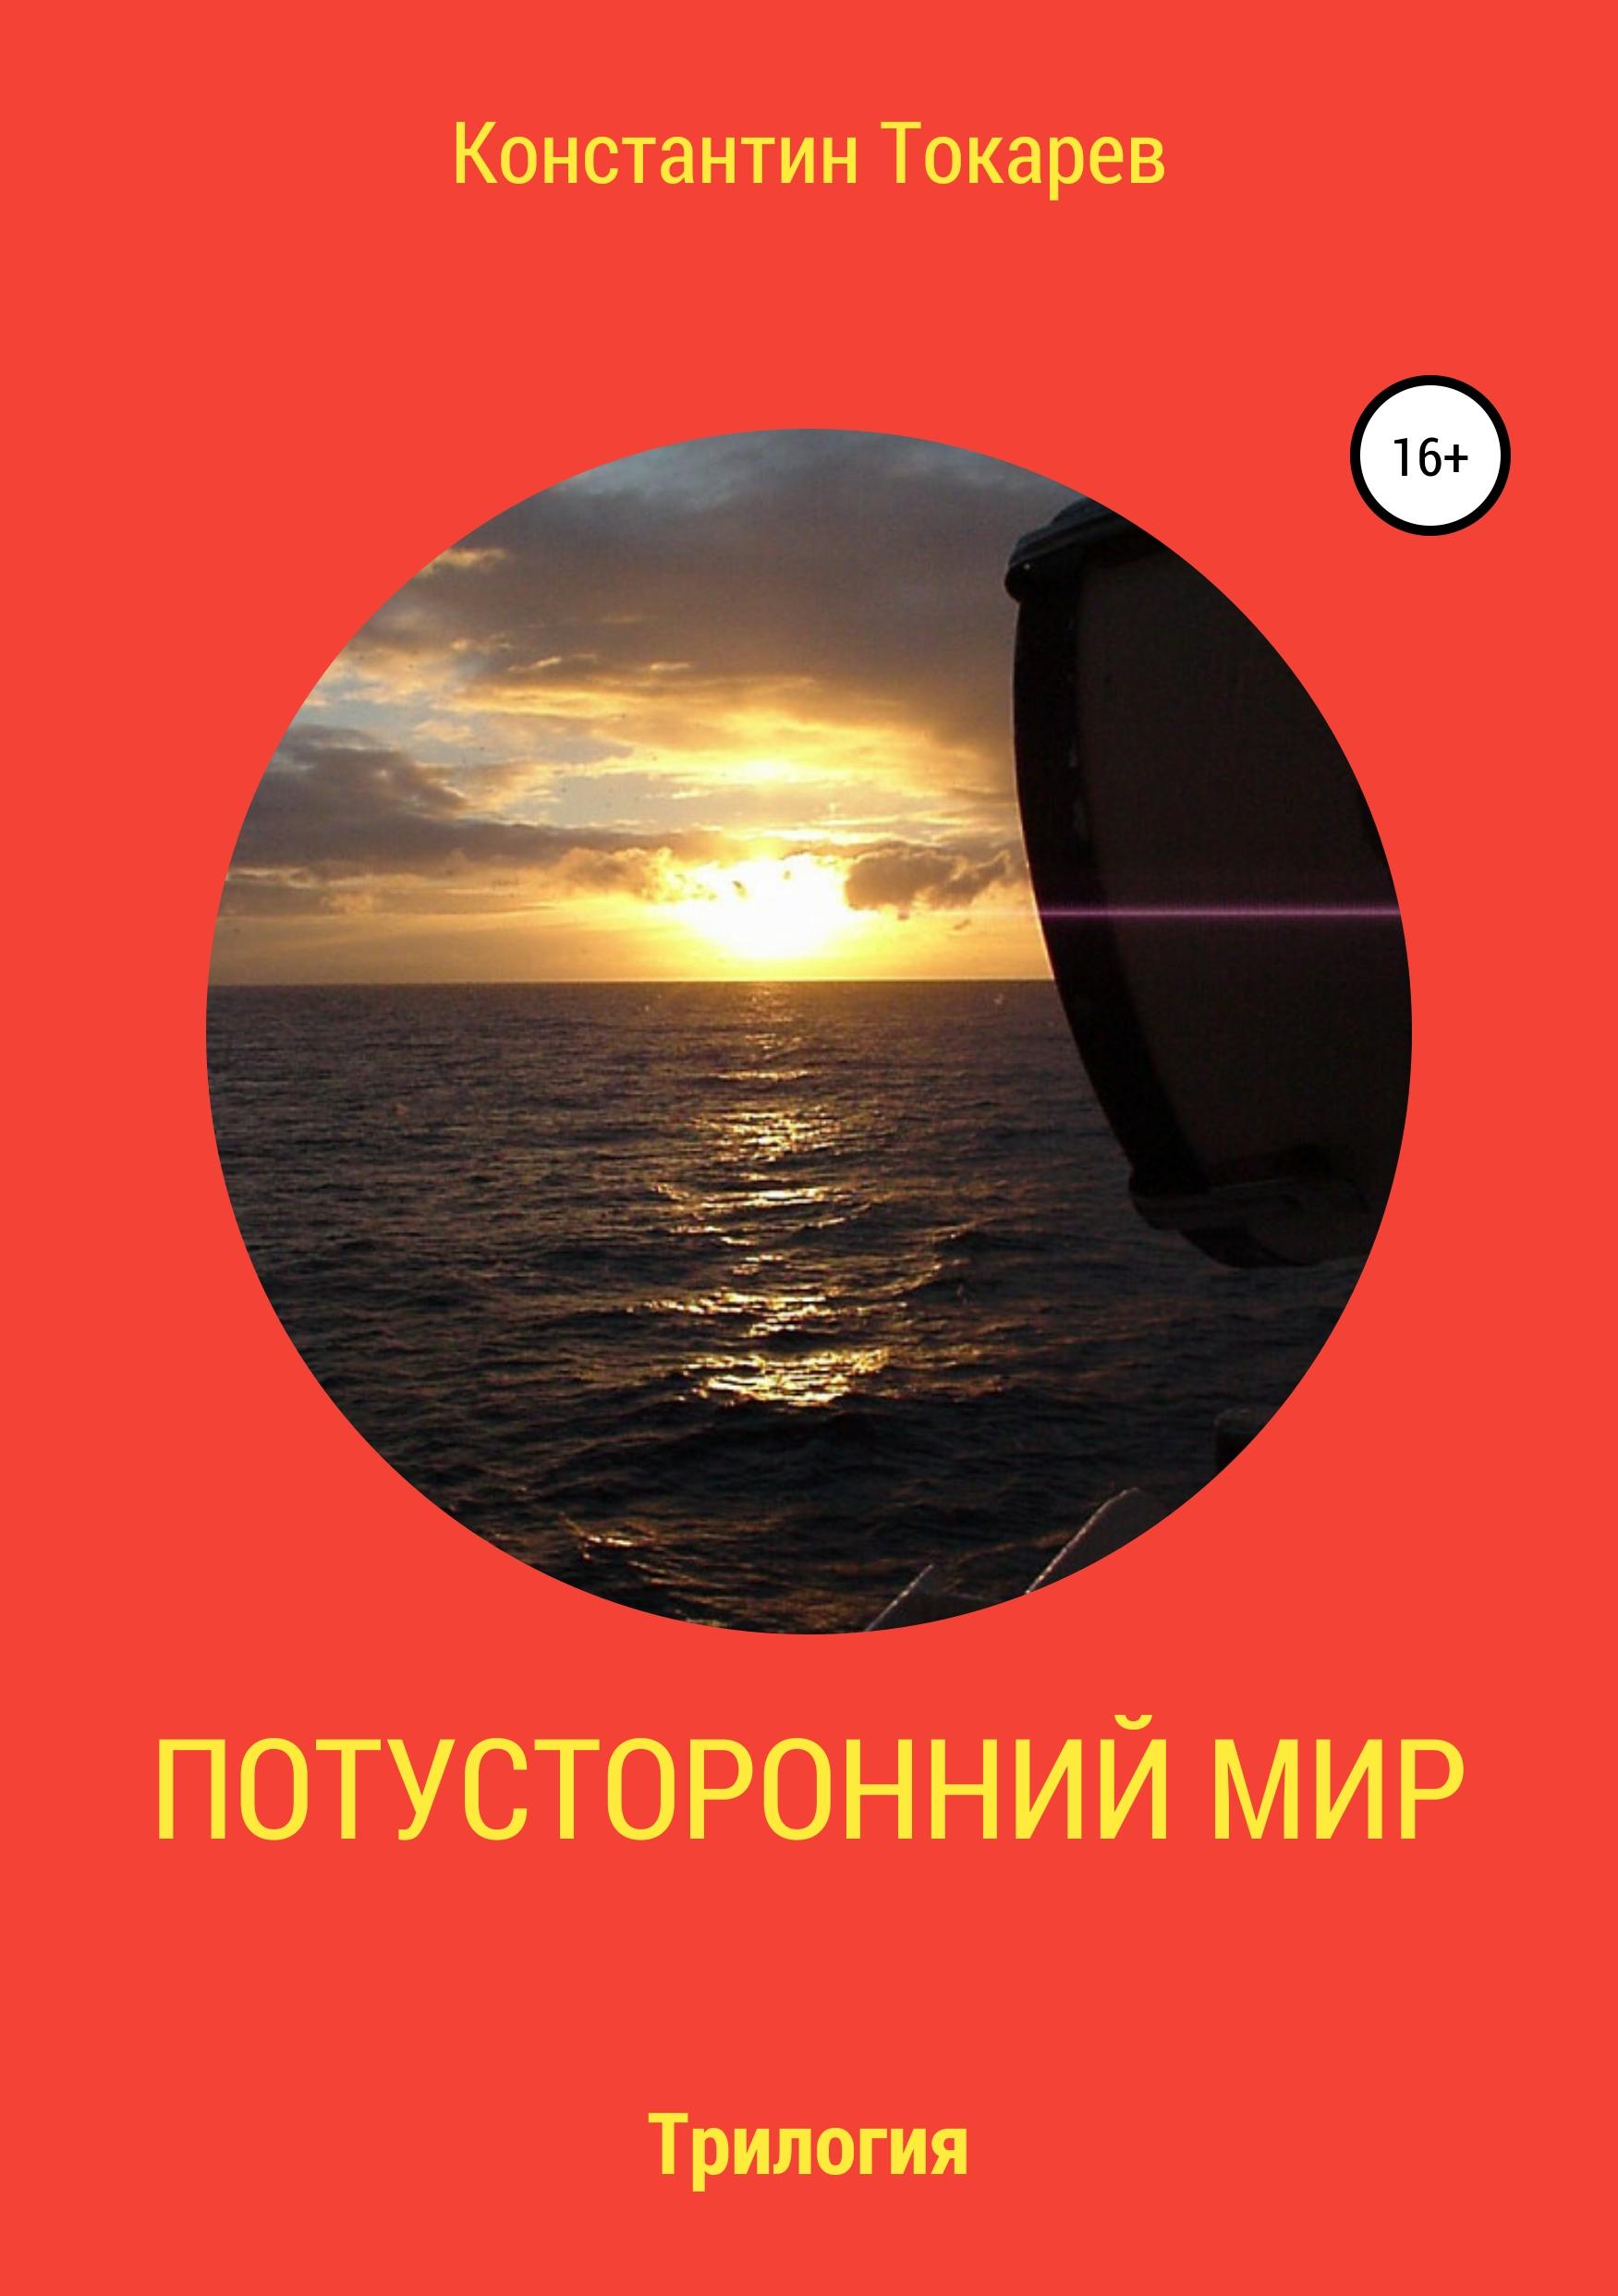 Константин Александрович Токарев Потусторонний мир. Трилогия константин александрович токарев наша жизнь